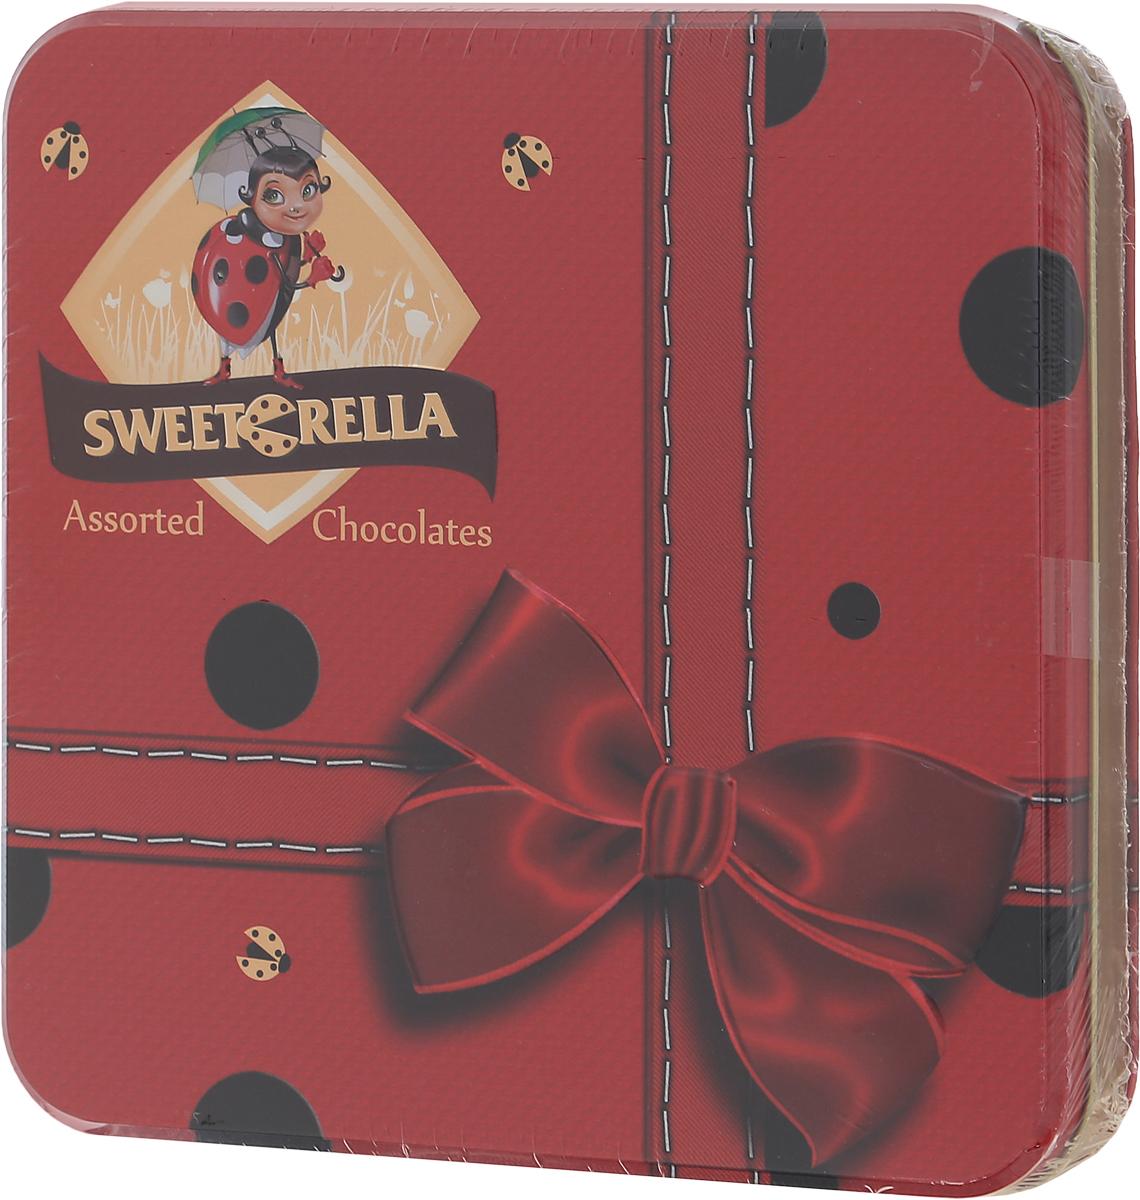 Sweeterella набор шоколадных конфет эксклюзив шоколадного ассорти, 193 гиба015Подарочный набор шоколадных конфет разных форм и вкусов в красивой коробке с бантом – лучшее лекарства от плохого настроения! Выбирайте любимую начинку и наслаждайтесь! Начинки: - фисташковая; - ореховая; - с яичным ликером; - Изабелла. Уважаемые клиенты! Обращаем ваше внимание, что полный перечень состава продукта представлен на дополнительном изображении.